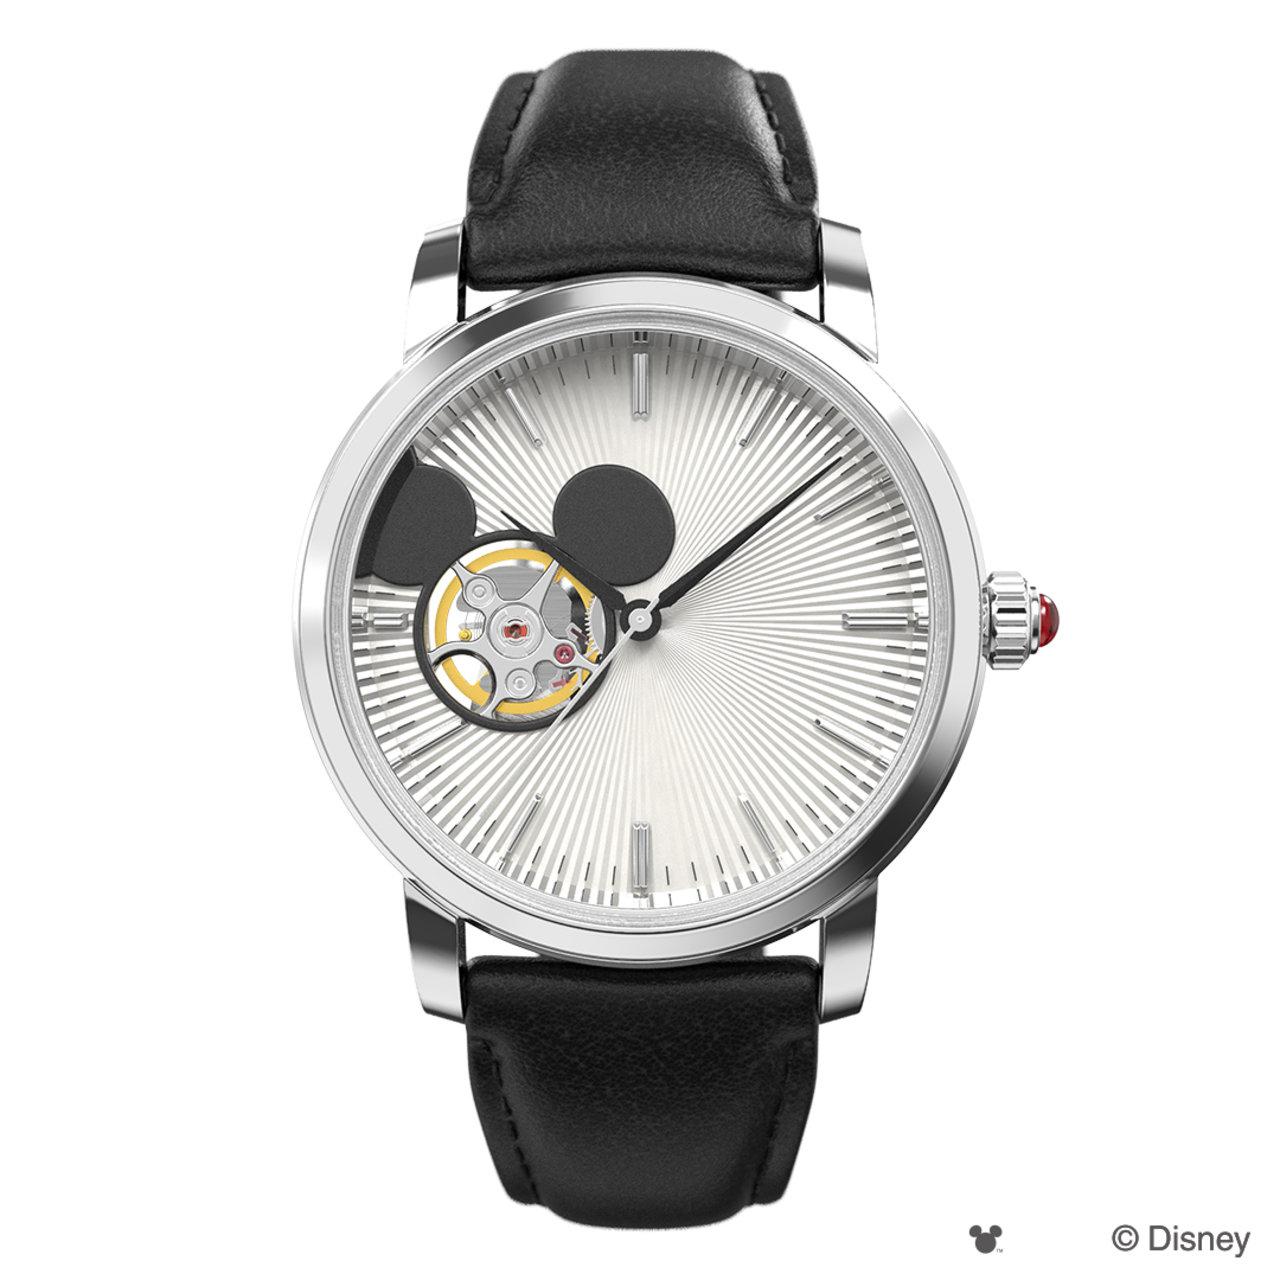 オーダー例A:ミッキーマウス モチーフ(156,800円)